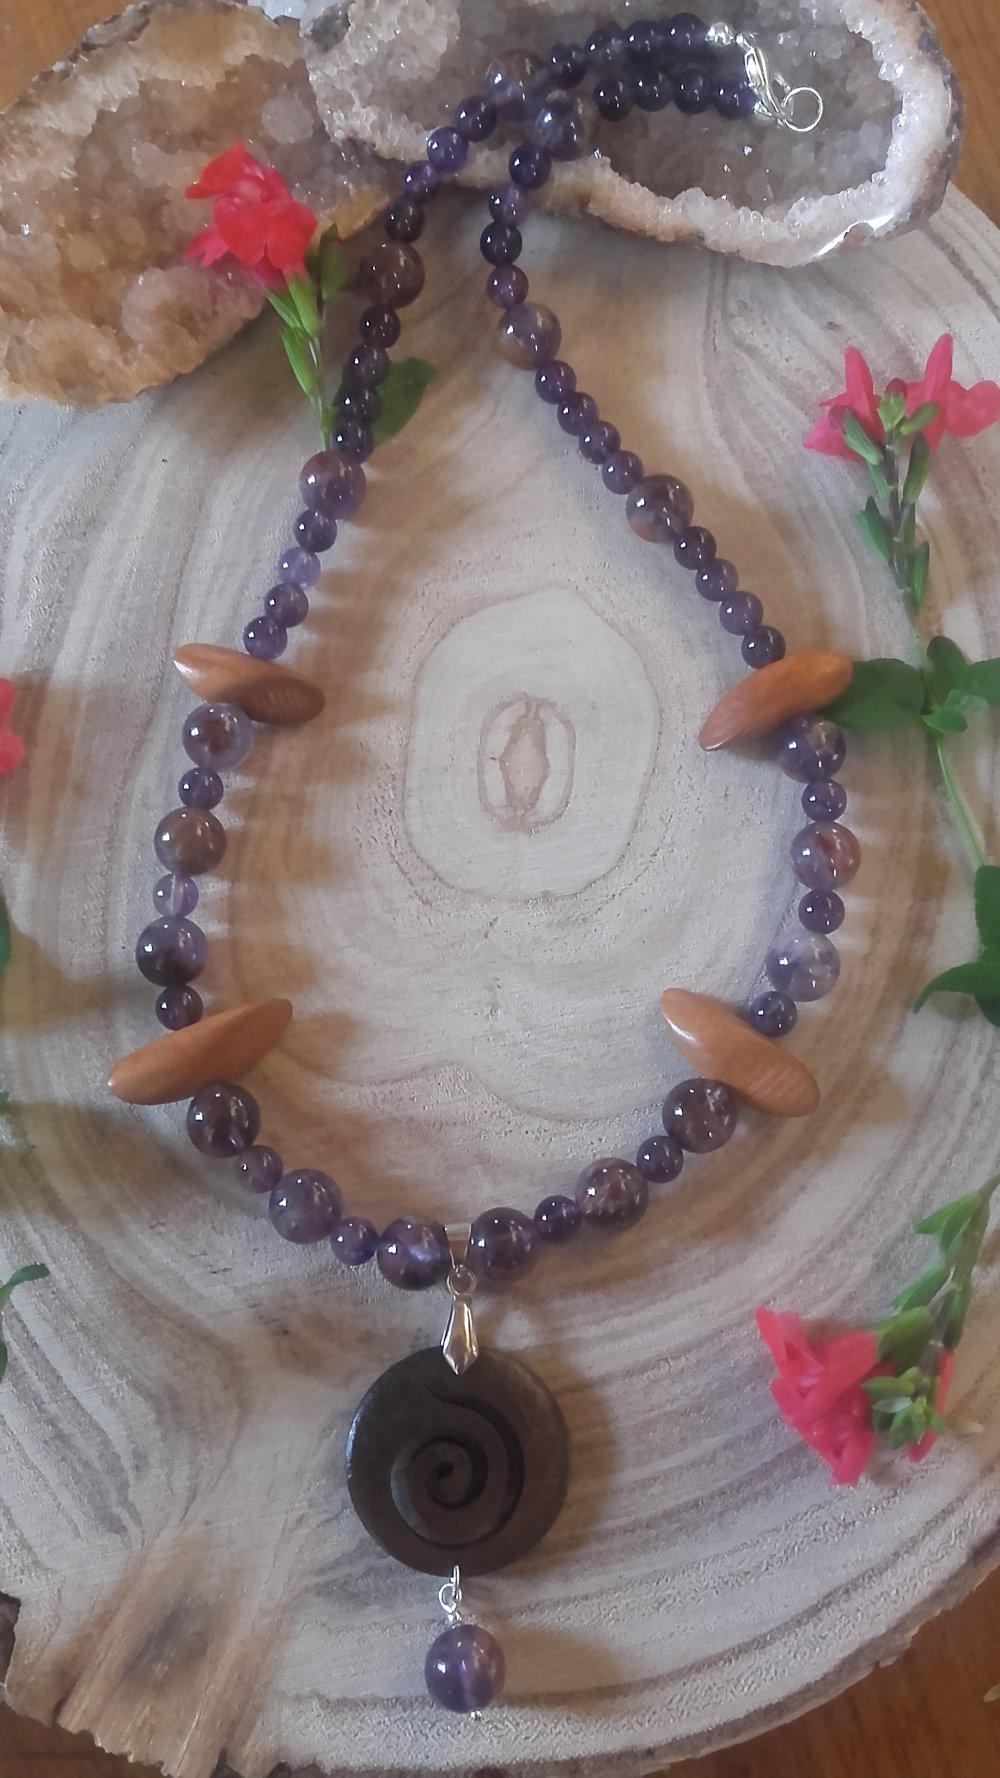 Collier femme bijoux en Pierres naturelles d' améthyste fantôme,  bois